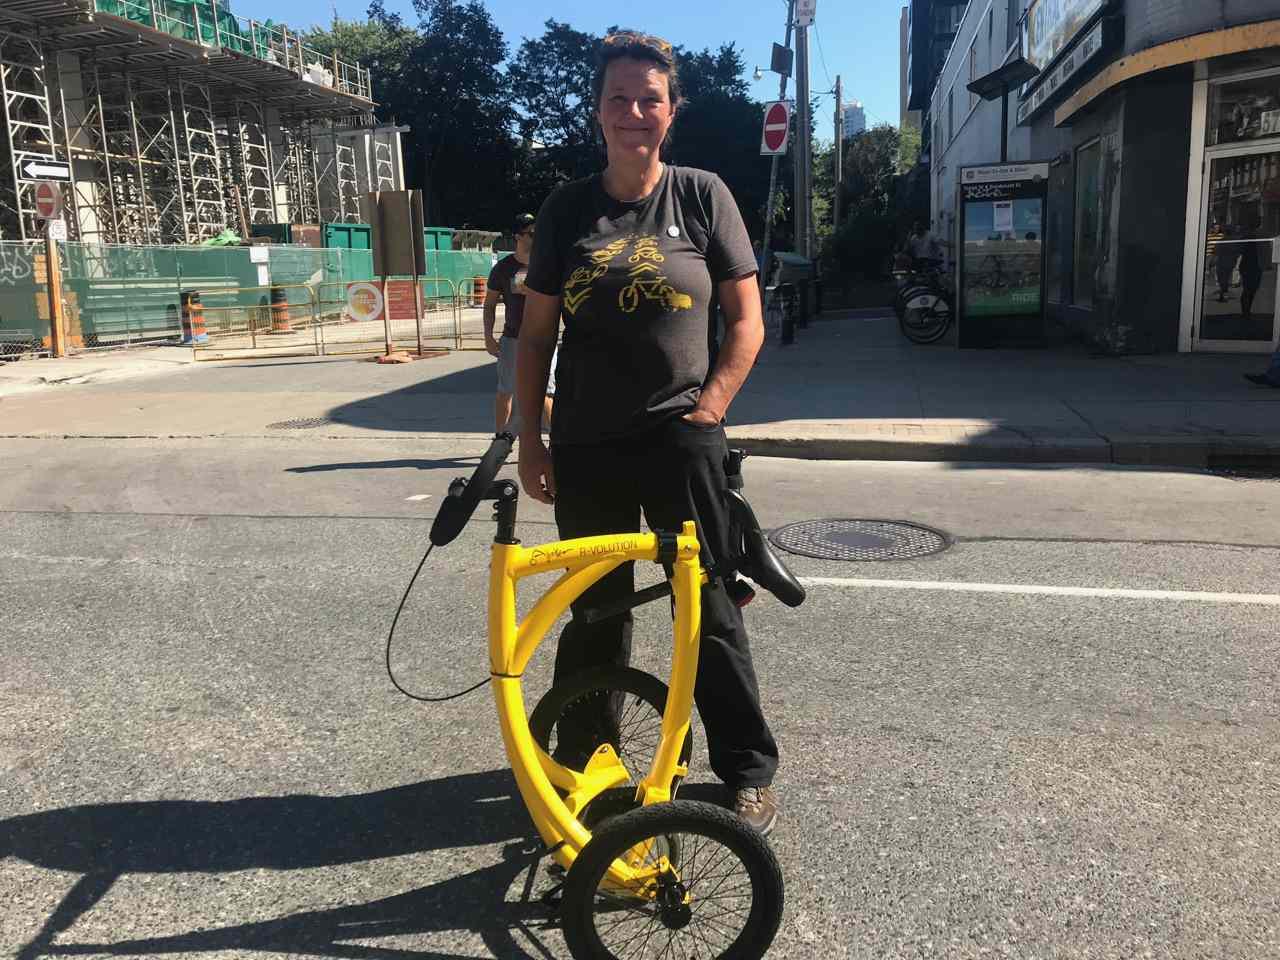 Alinker walking bike folded up